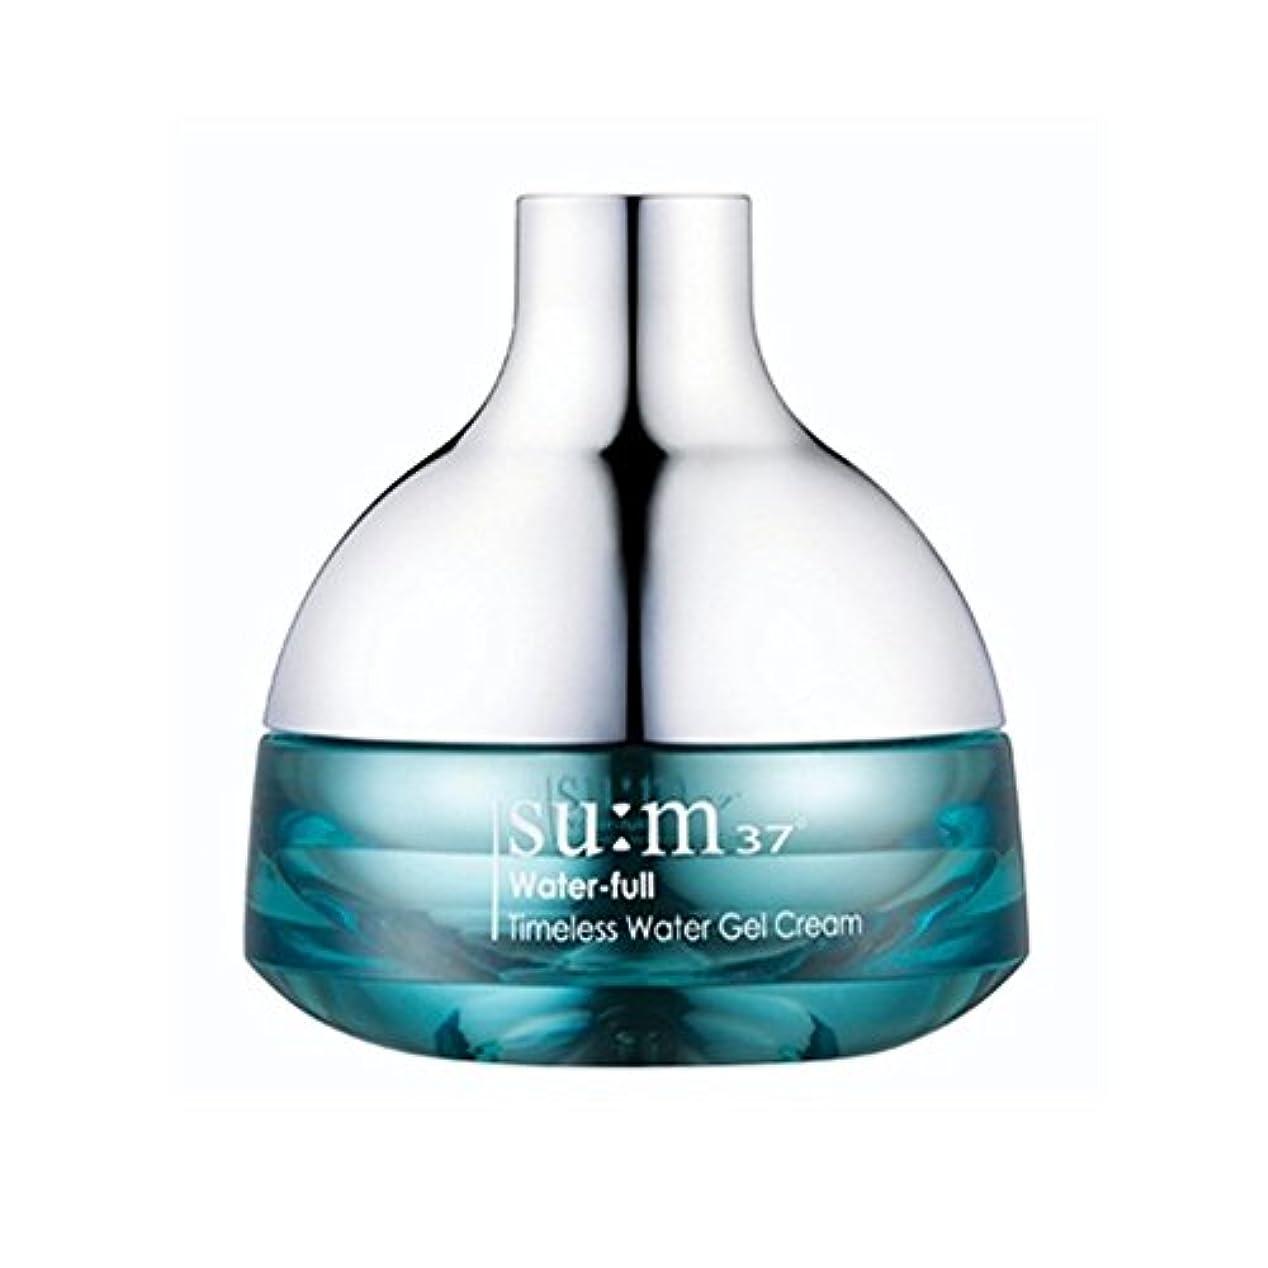 前進防止特に[su:m37/スム37°] SUM37 Water-full Timeless Water Gel Cream 50ml/WF07 sum37 ウォータフル タイムレス ウォータージェルクリーム 50ml +[Sample...